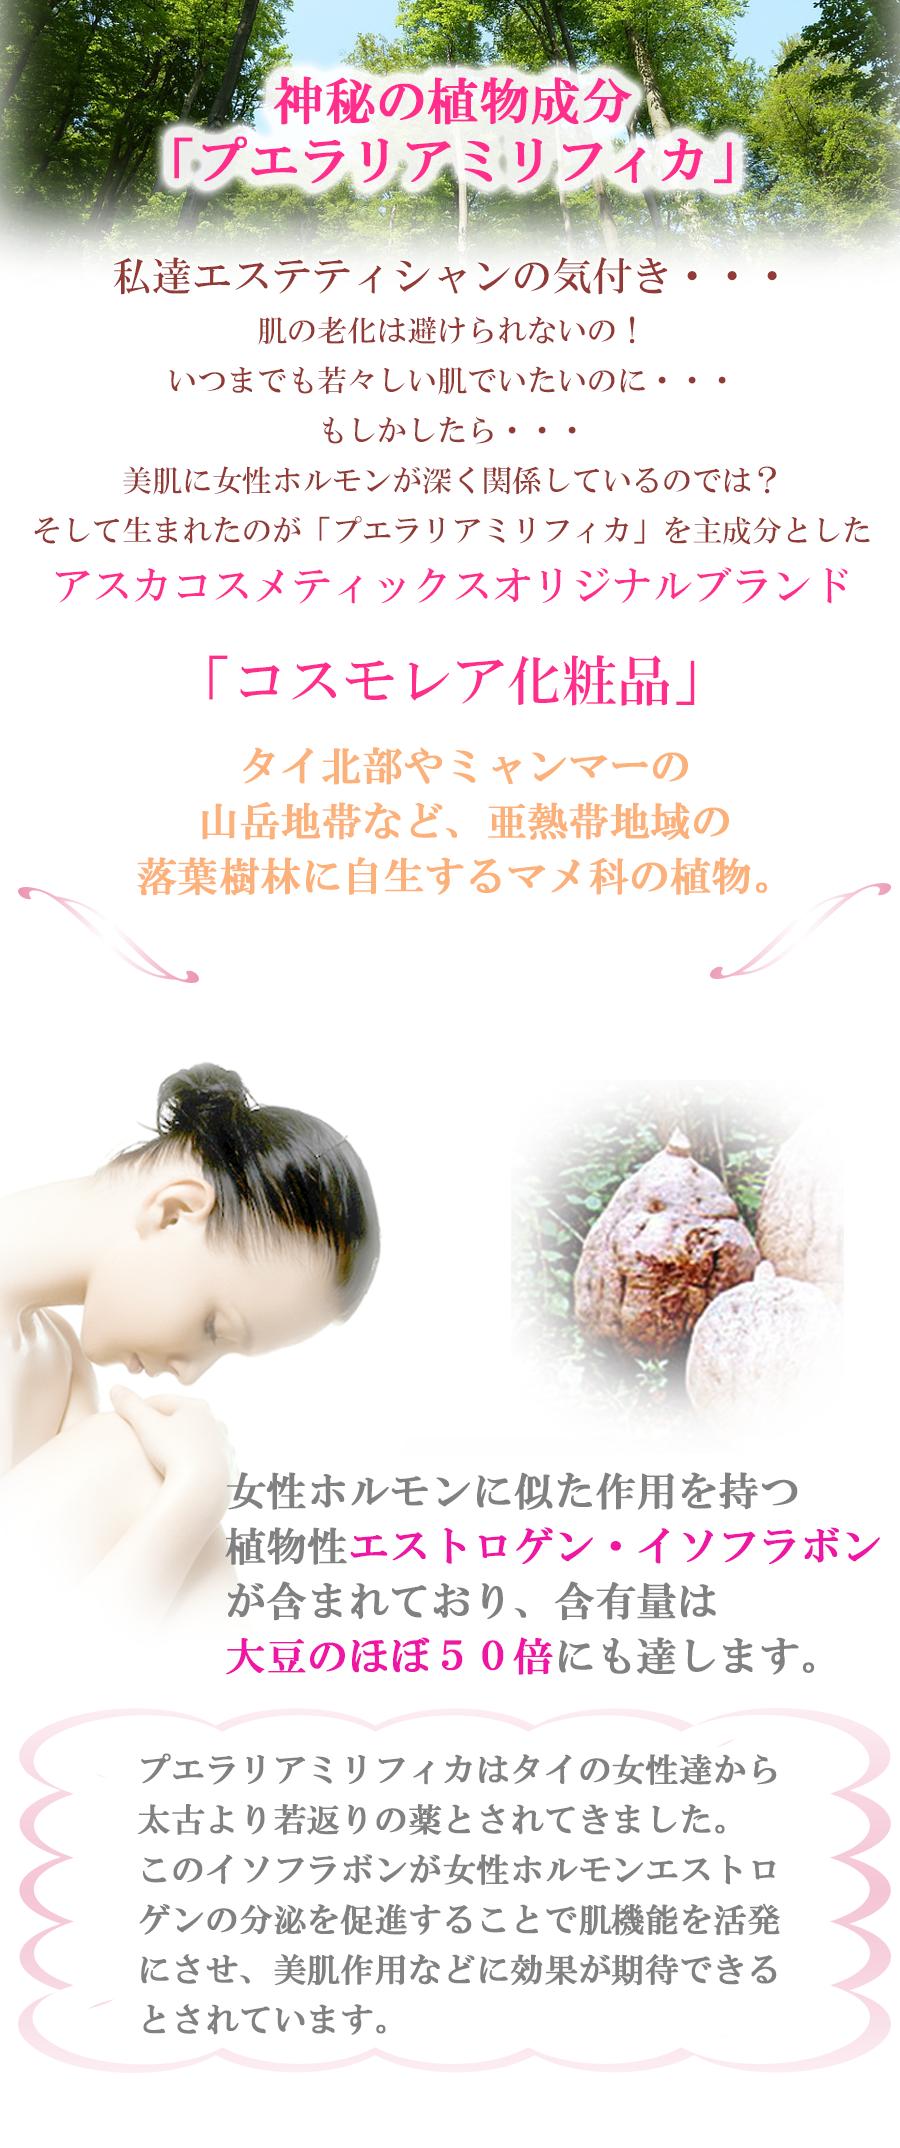 私達エステティシャンの気付き、肌の老化避けられないの、いつもでも若々しい肌でいたいのに、もしかしたら美肌に女性ホルモンが深く関係しているの。(アスカコスメティックス スキンケア 基礎化粧品 女性ホルモン)